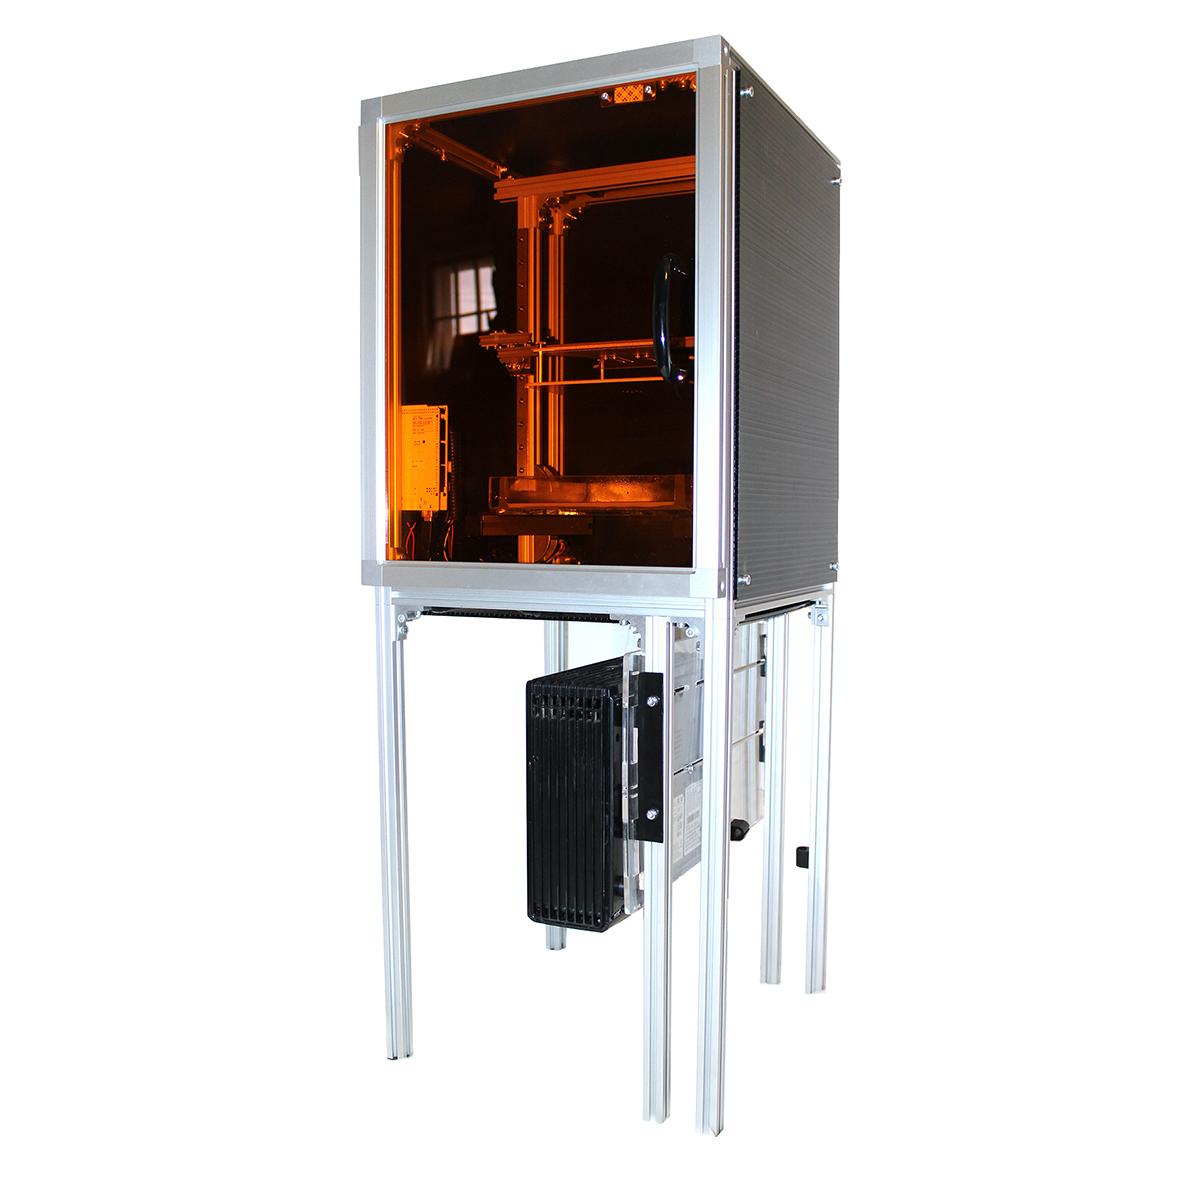 dlp1 1_prebuilt01?fit=300%2C300&ssl=1 muve 3d documentation muve 3d Basic Electrical Wiring Diagrams at edmiracle.co